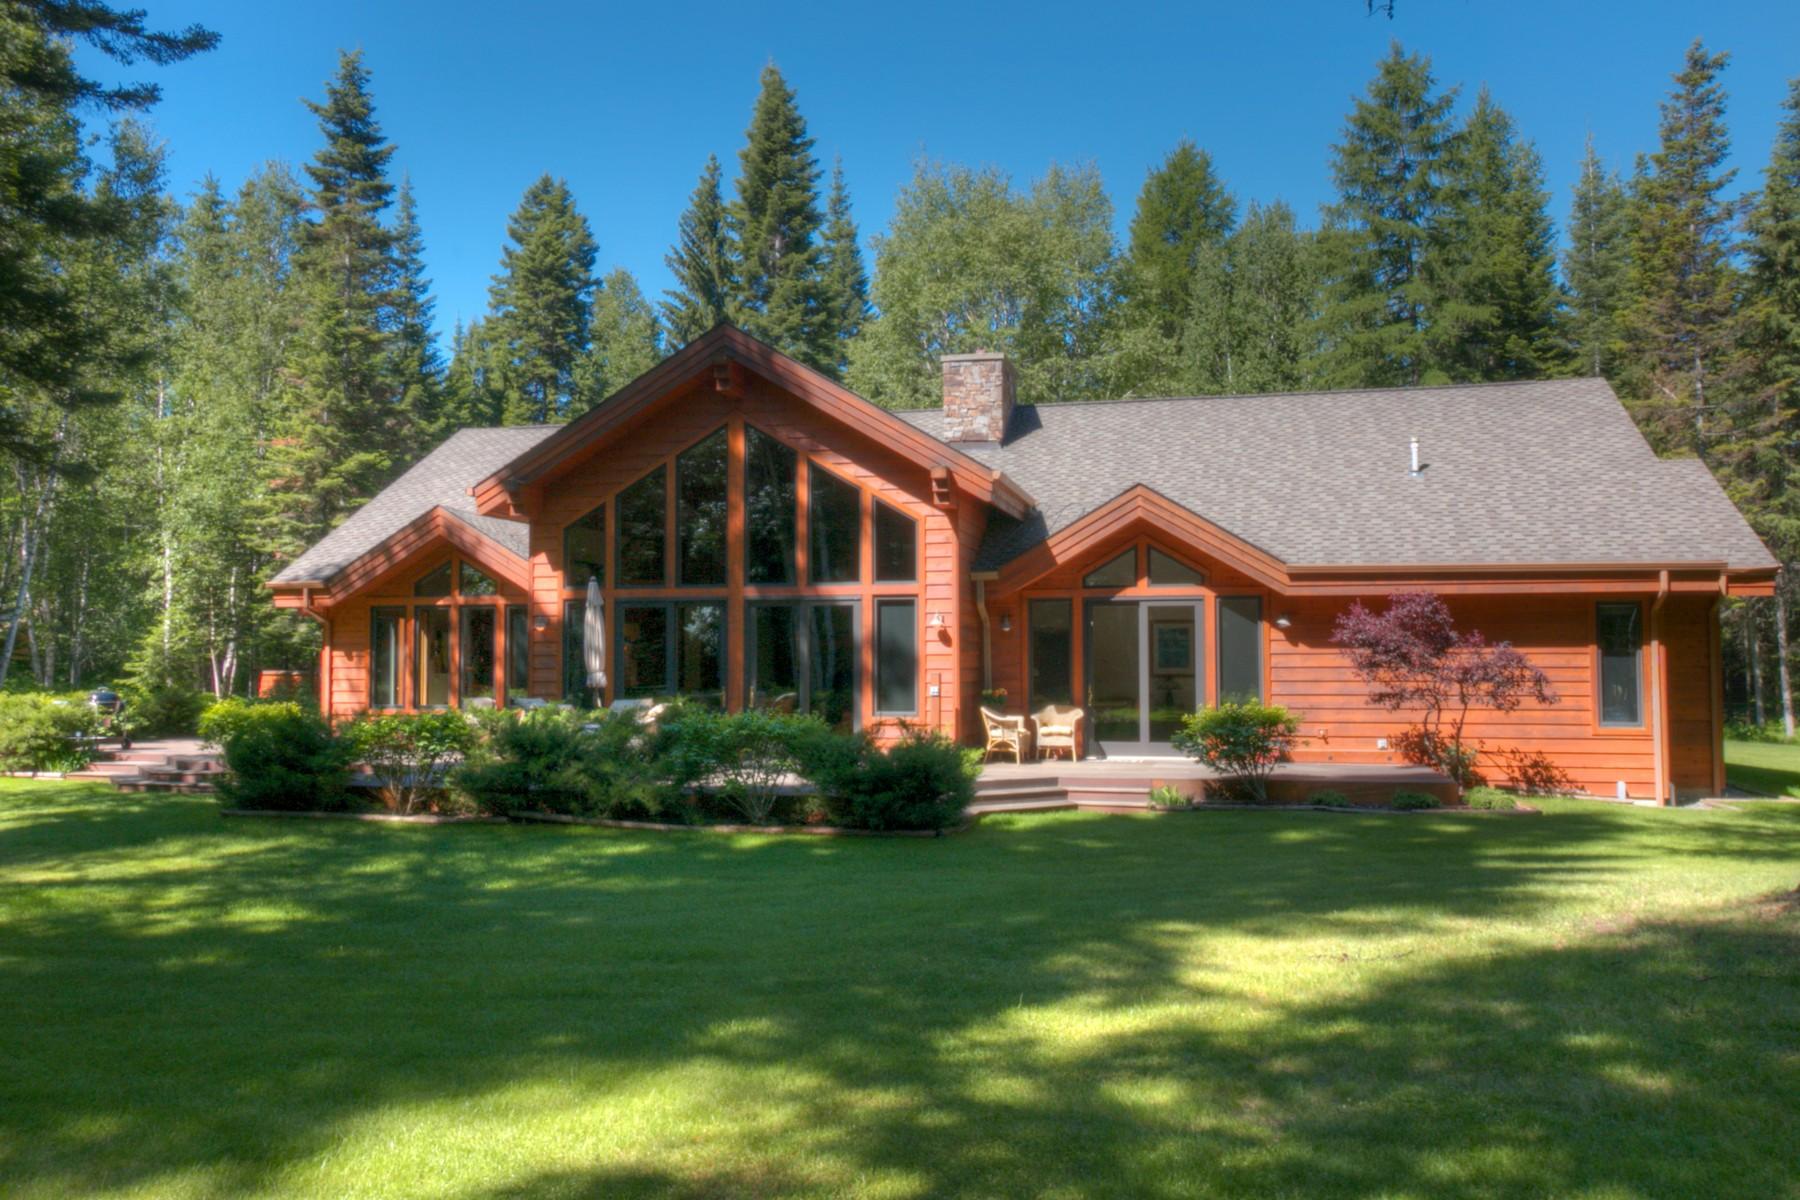 Maison unifamiliale pour l Vente à Beautiful Country Setting 180 Ferndale Drive Bigfork, Montana 59911 États-Unis